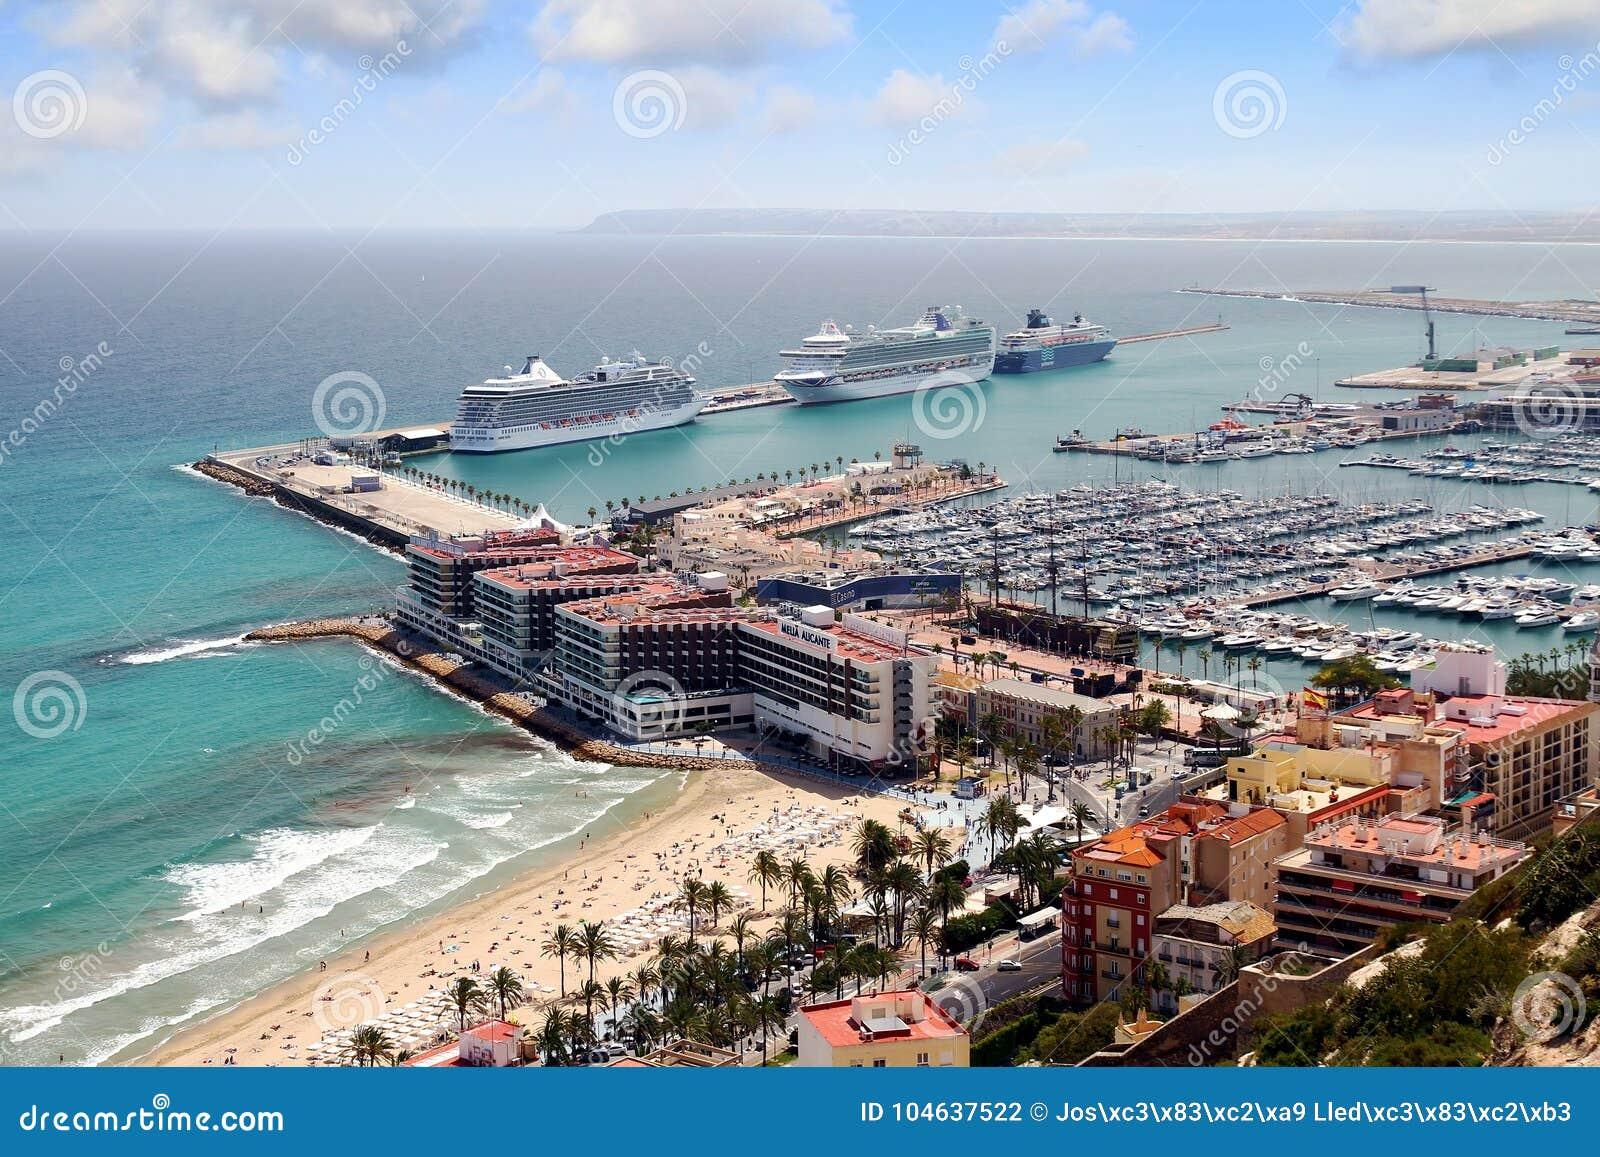 Download Luchtdiemening Van Cruises In De Haven Van Alicante Worden Gedokt Redactionele Fotografie - Afbeelding bestaande uit mooi, honeymoon: 104637522